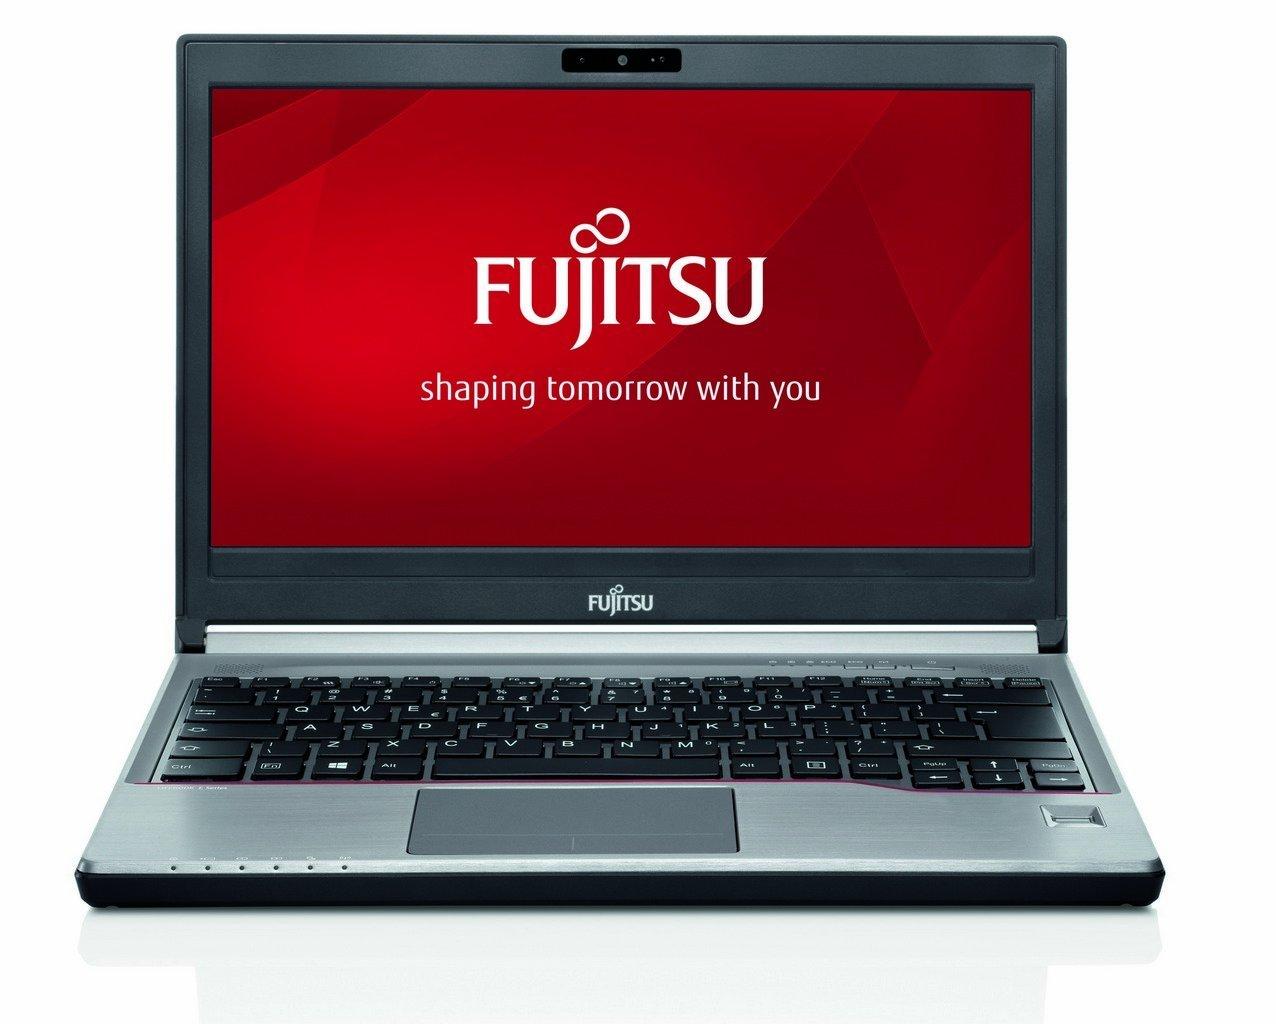 Thu mua laptop cũ fujitsu tại hà nội